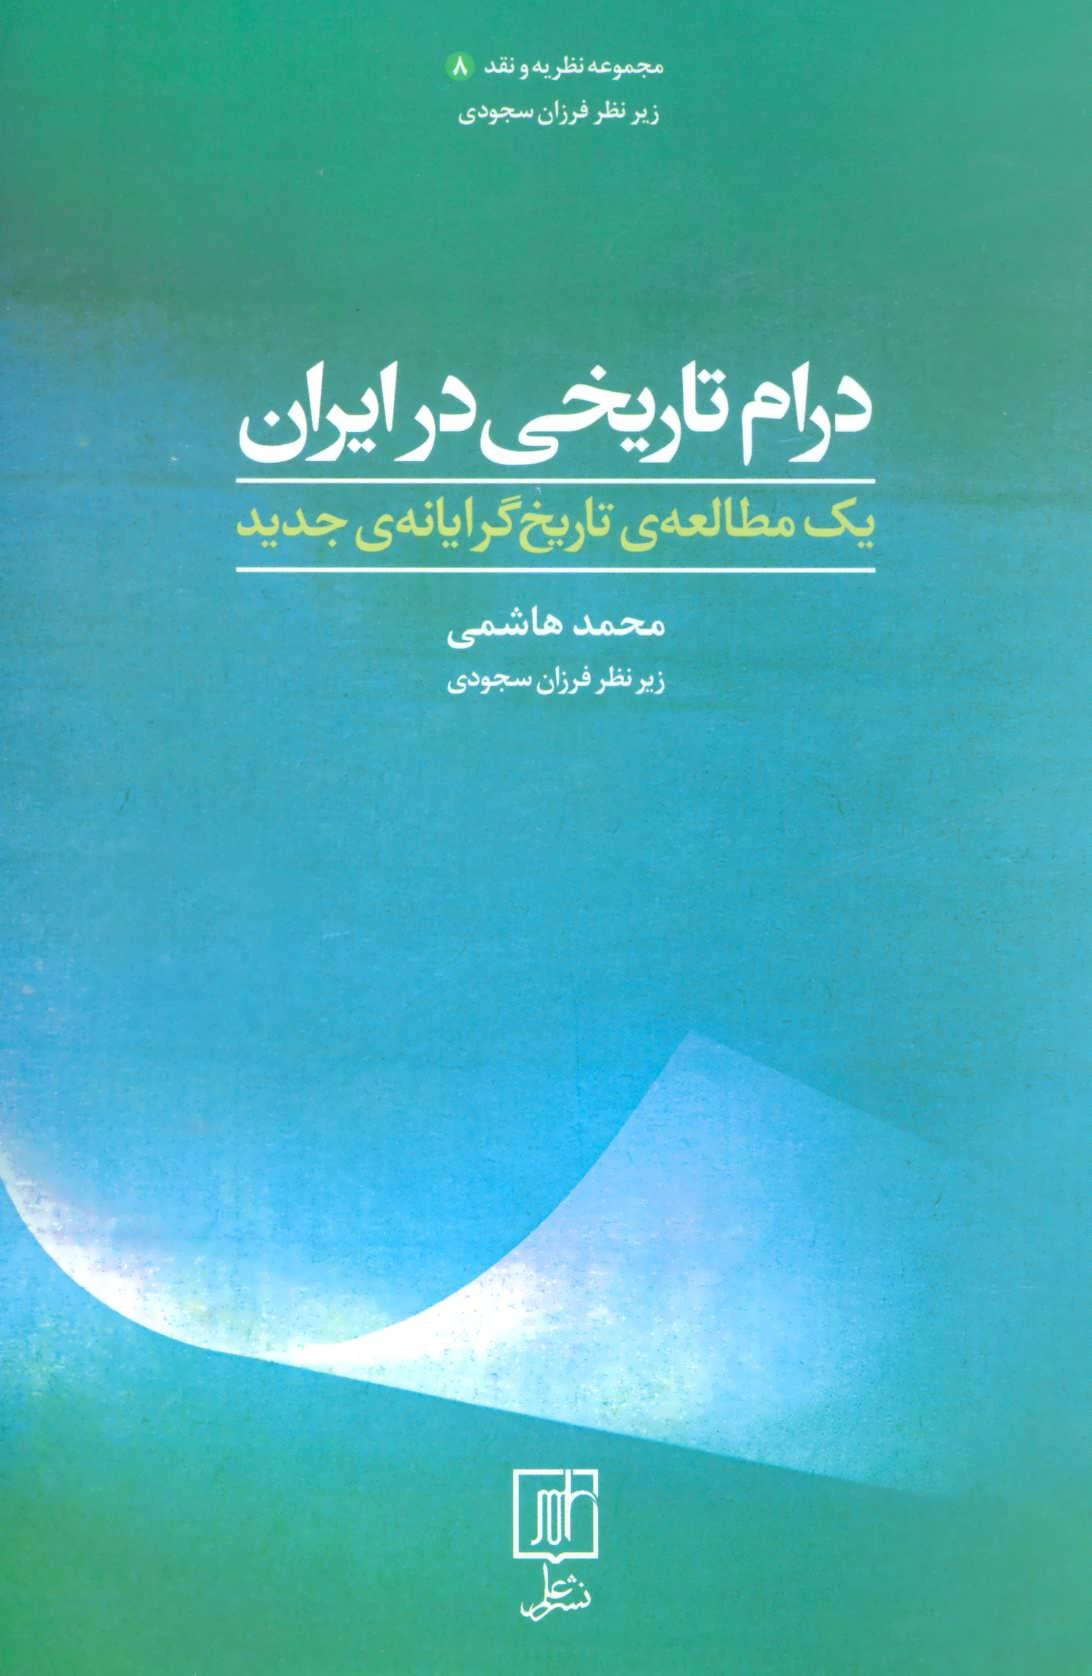 درام تاریخی در ایران (یک مطالعه ی تاریخ گرایانه ی جدید)